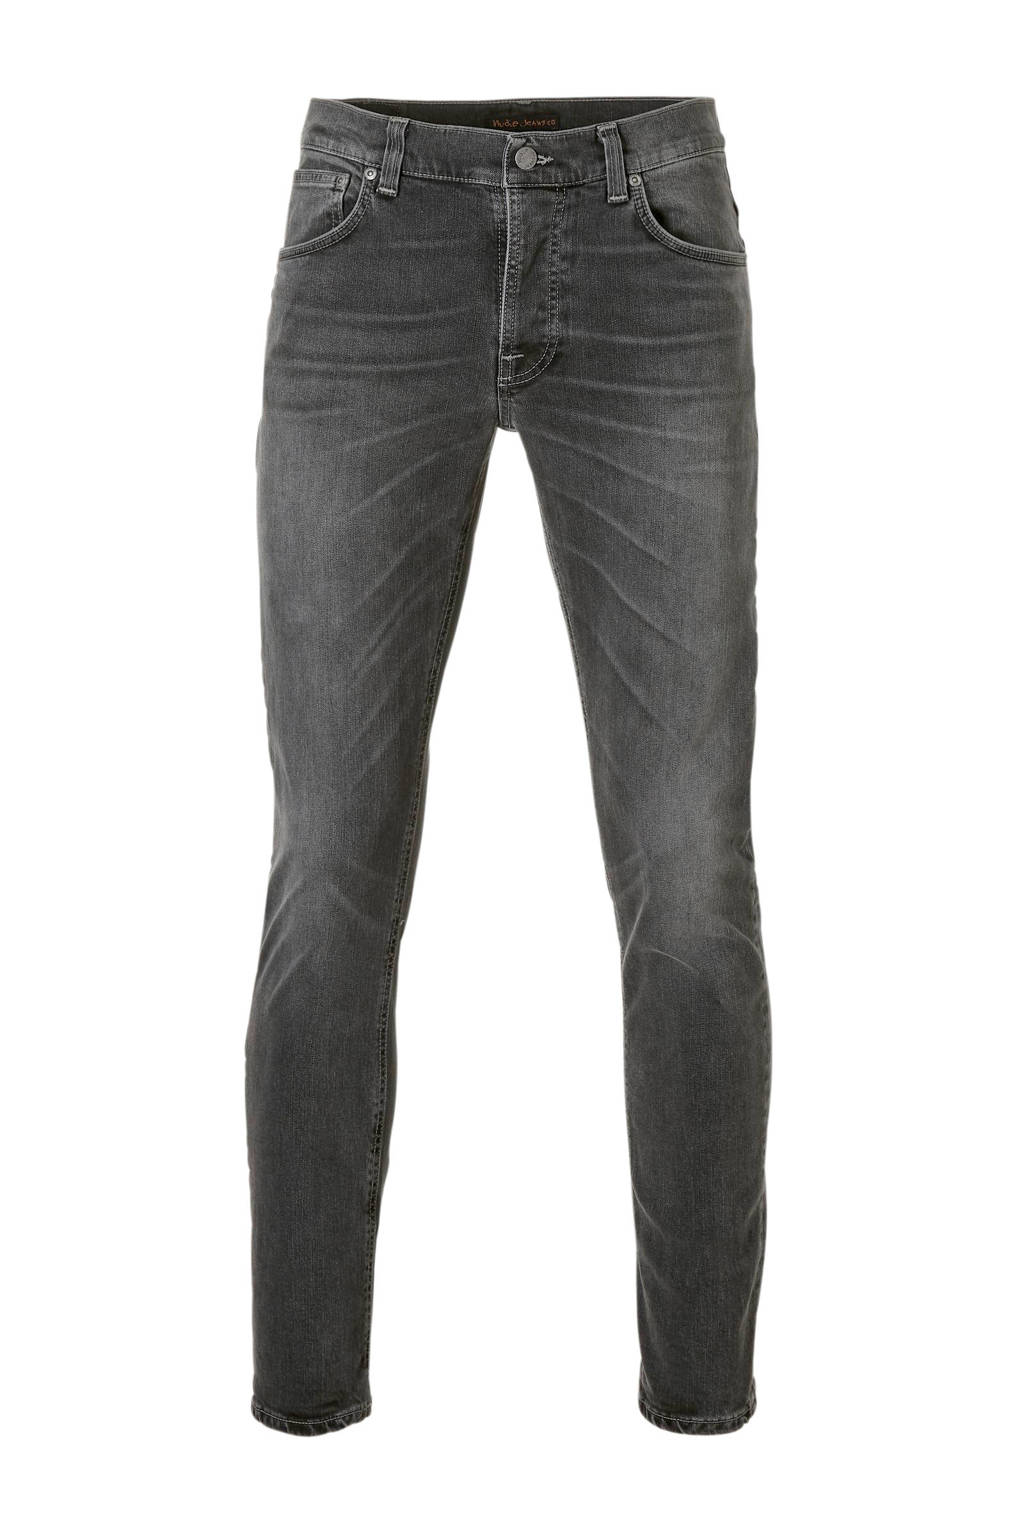 Nudie Jeans  slim Grim Tim jeans, Grijs